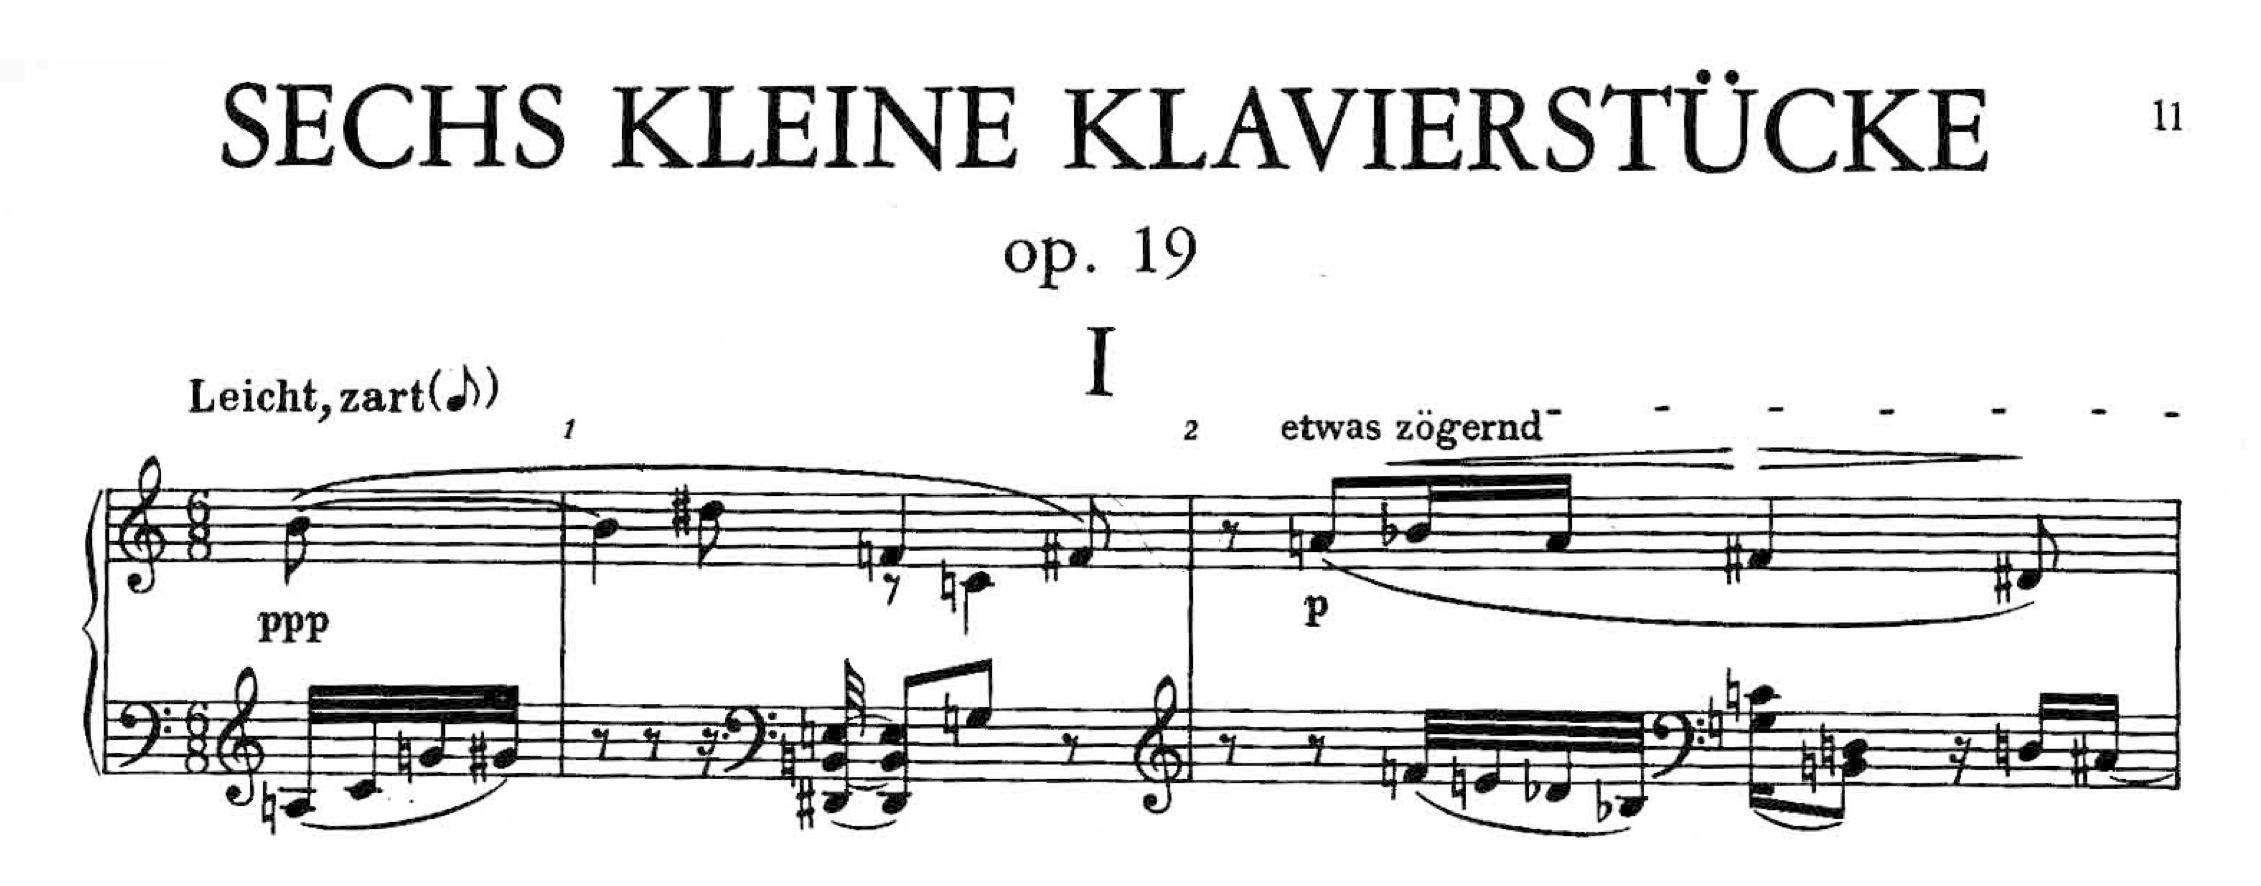 SCHOENBERG — from  Sechs Kleine Klavierstücke , 0p. 19, I